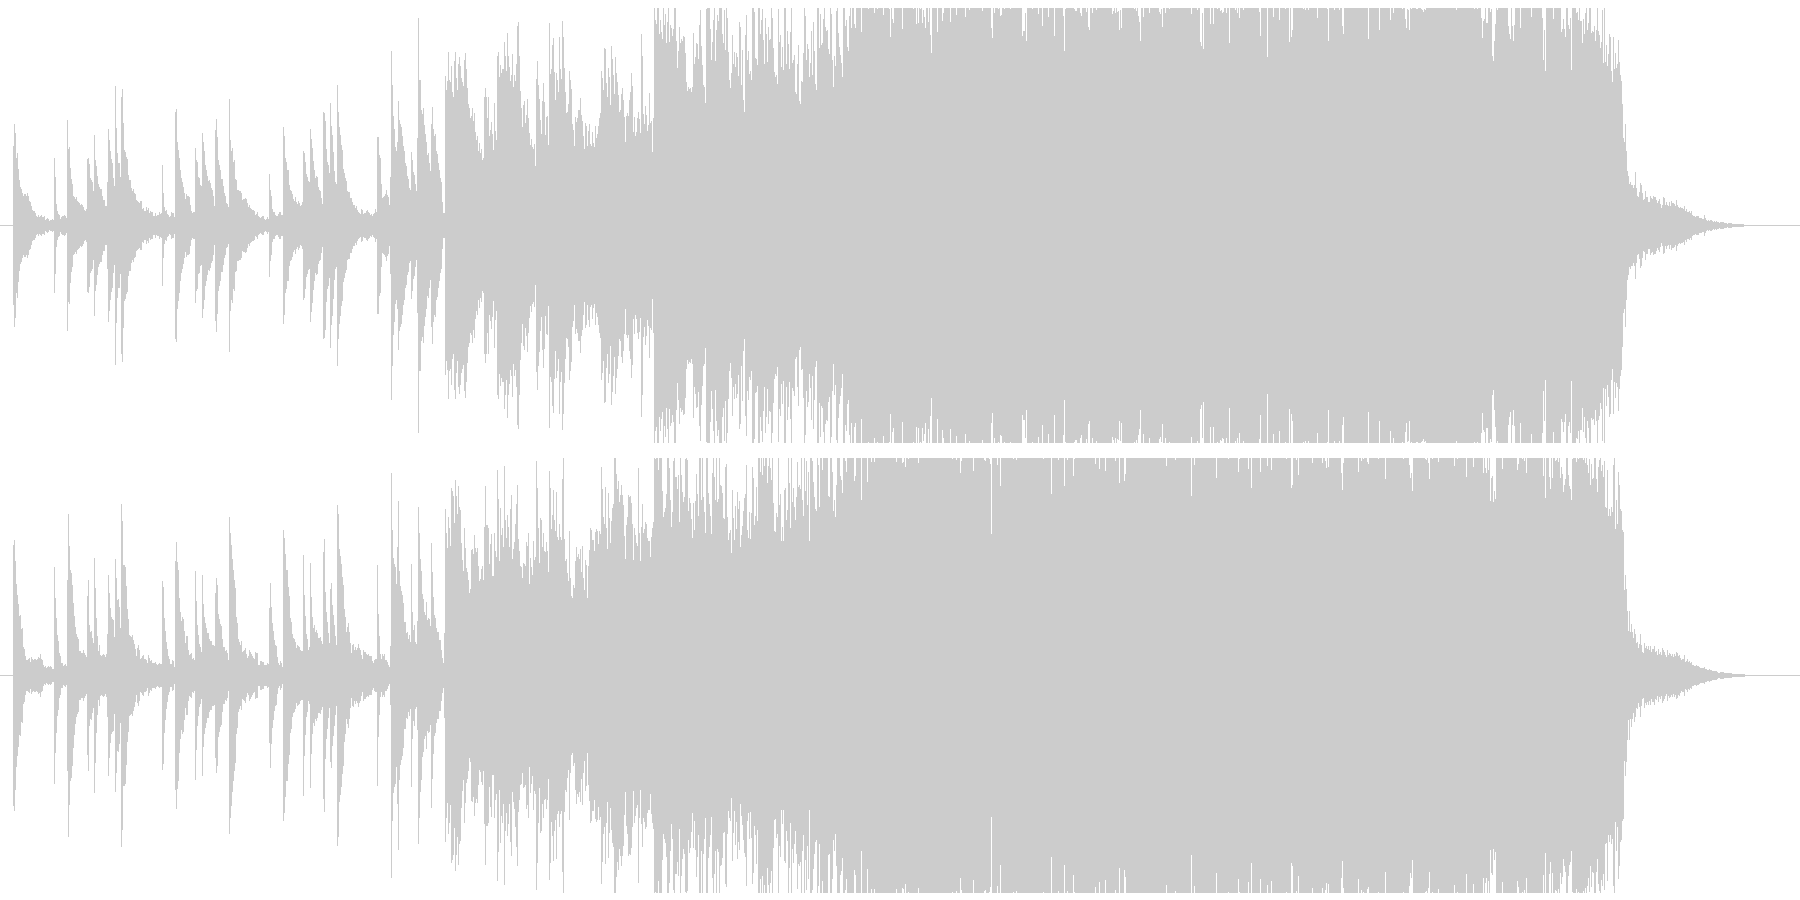 だんだん盛り上がるエモーショナルな曲の未再生の波形